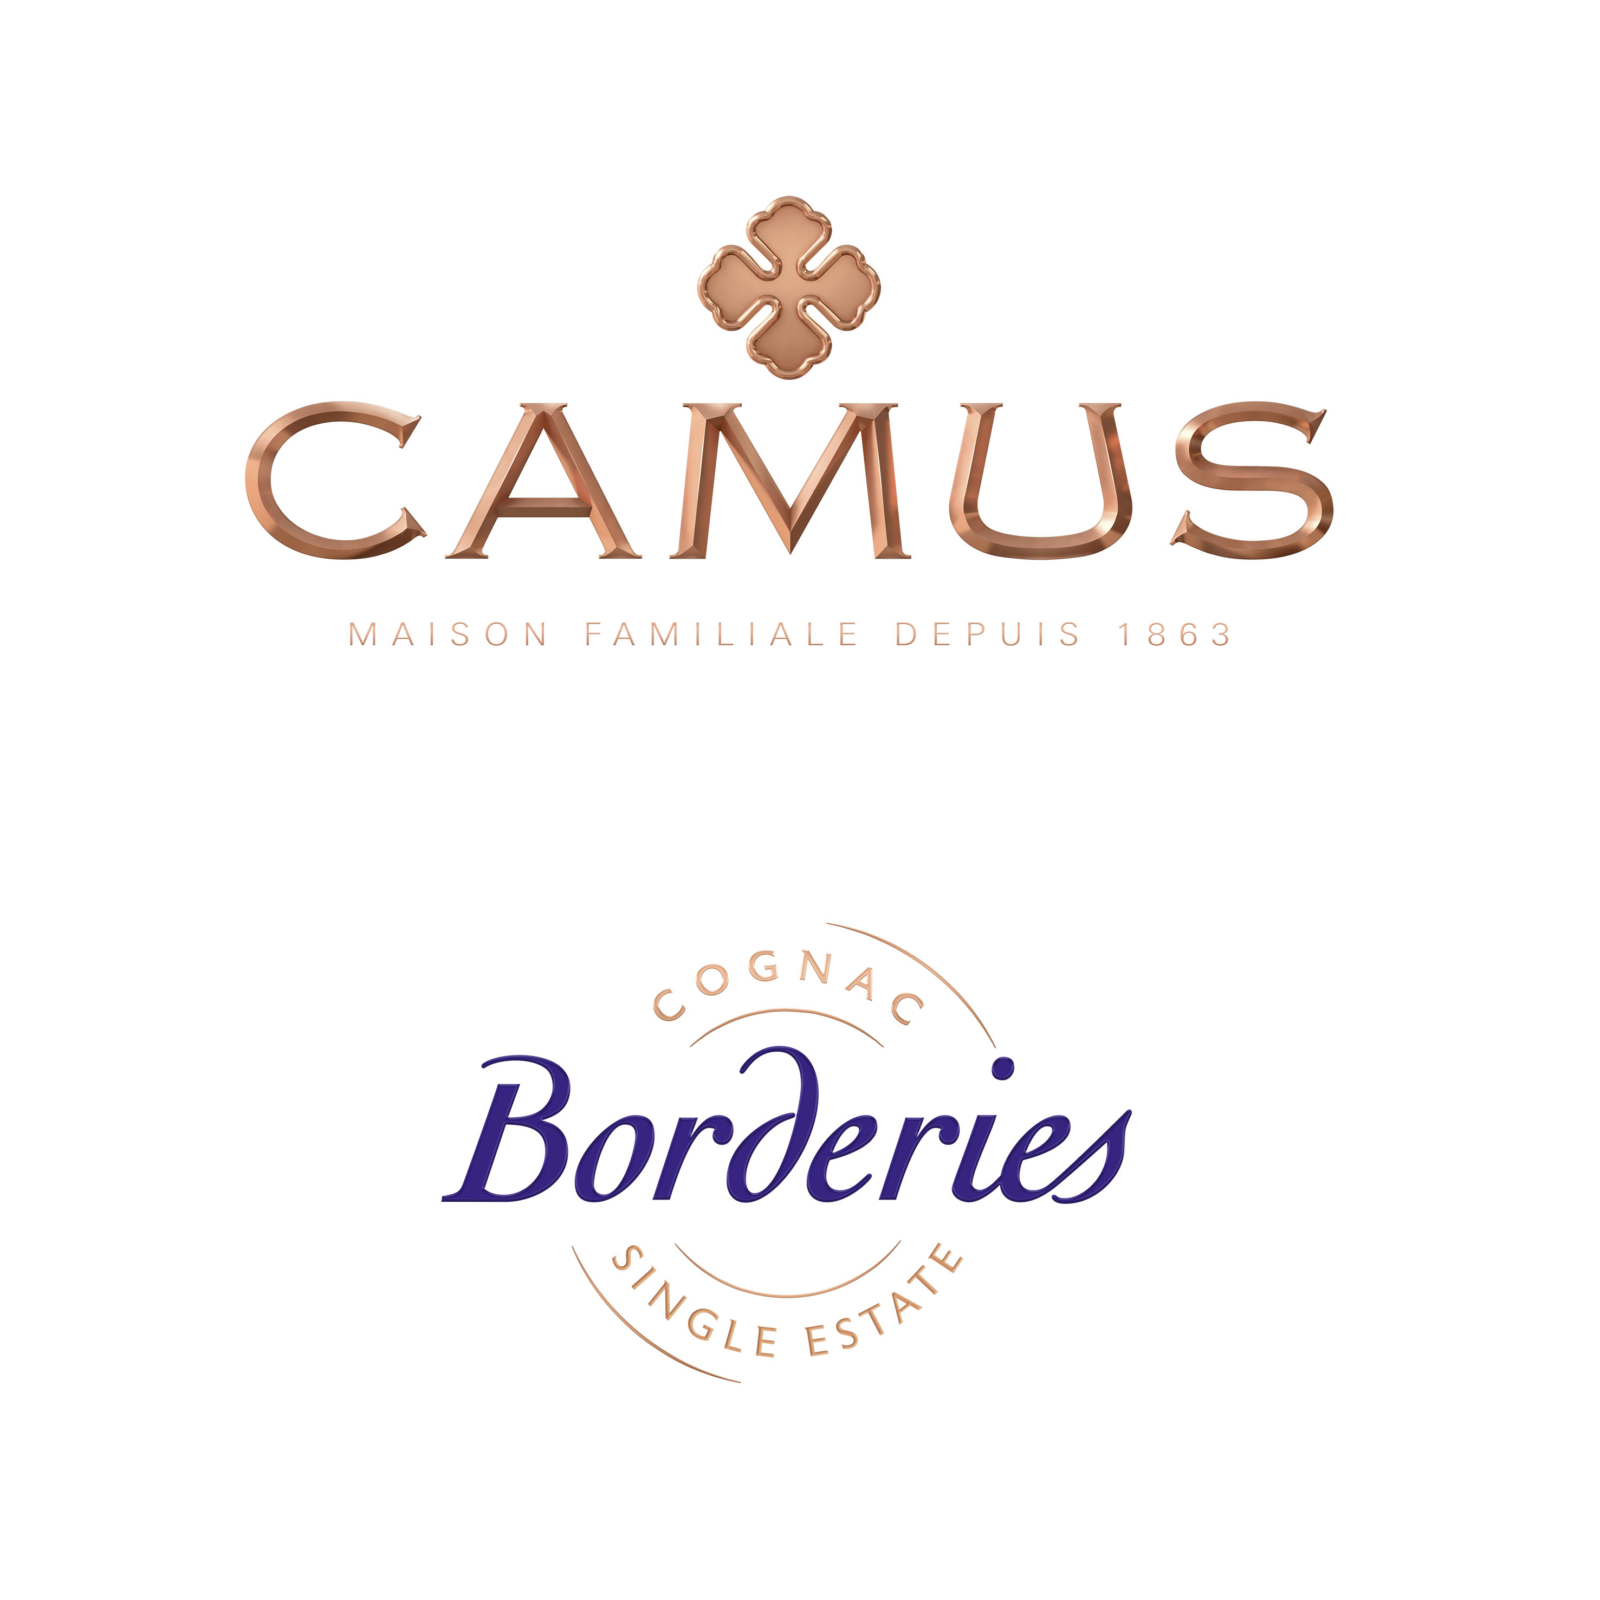 Camus Borderies - Un design pensé par l'agence de design de Paris Partisan du Sens.